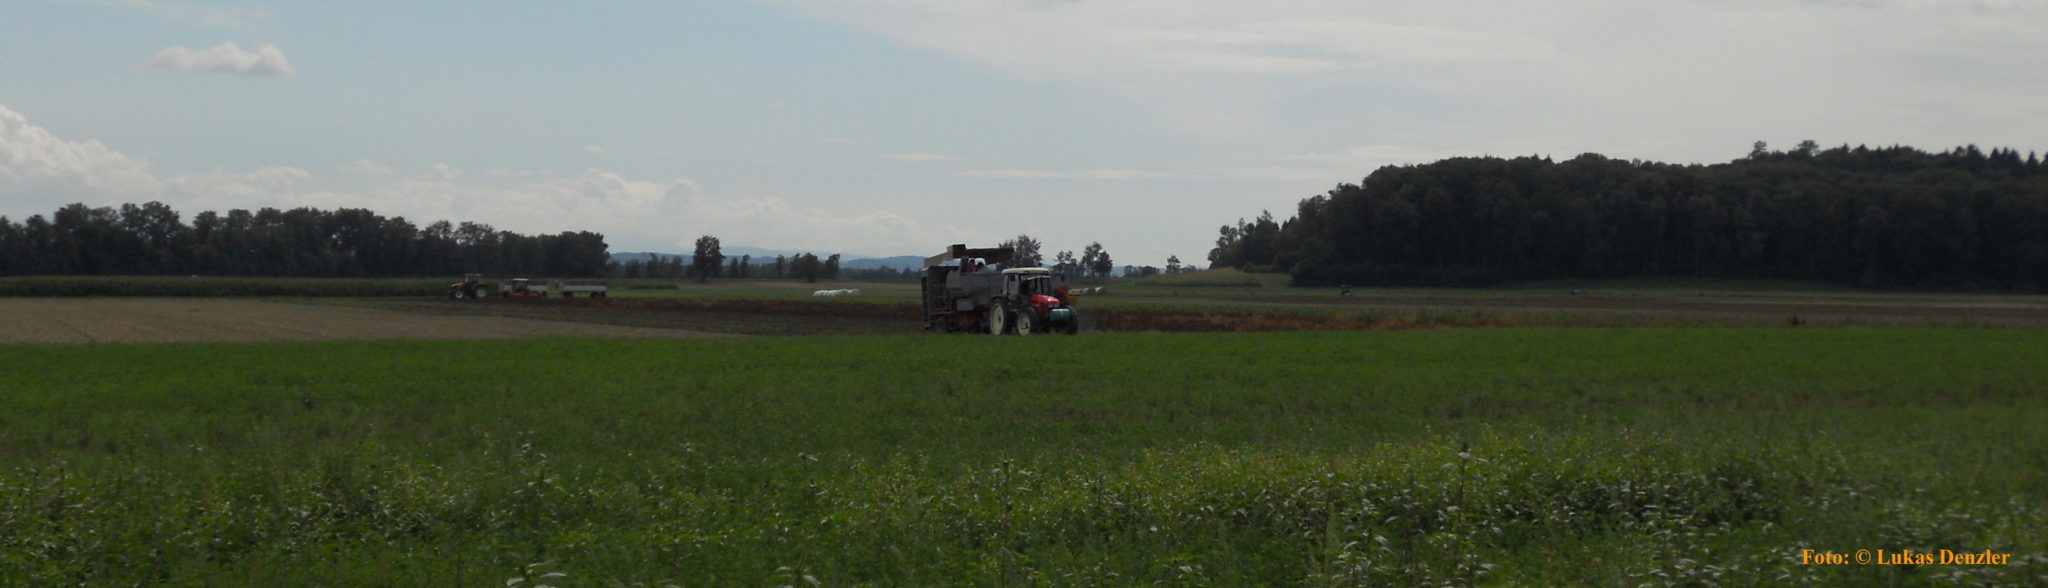 Prächtig Landwirtschaft auf Moorböden: Unliebsame Forschungsergebnisse #GB_91